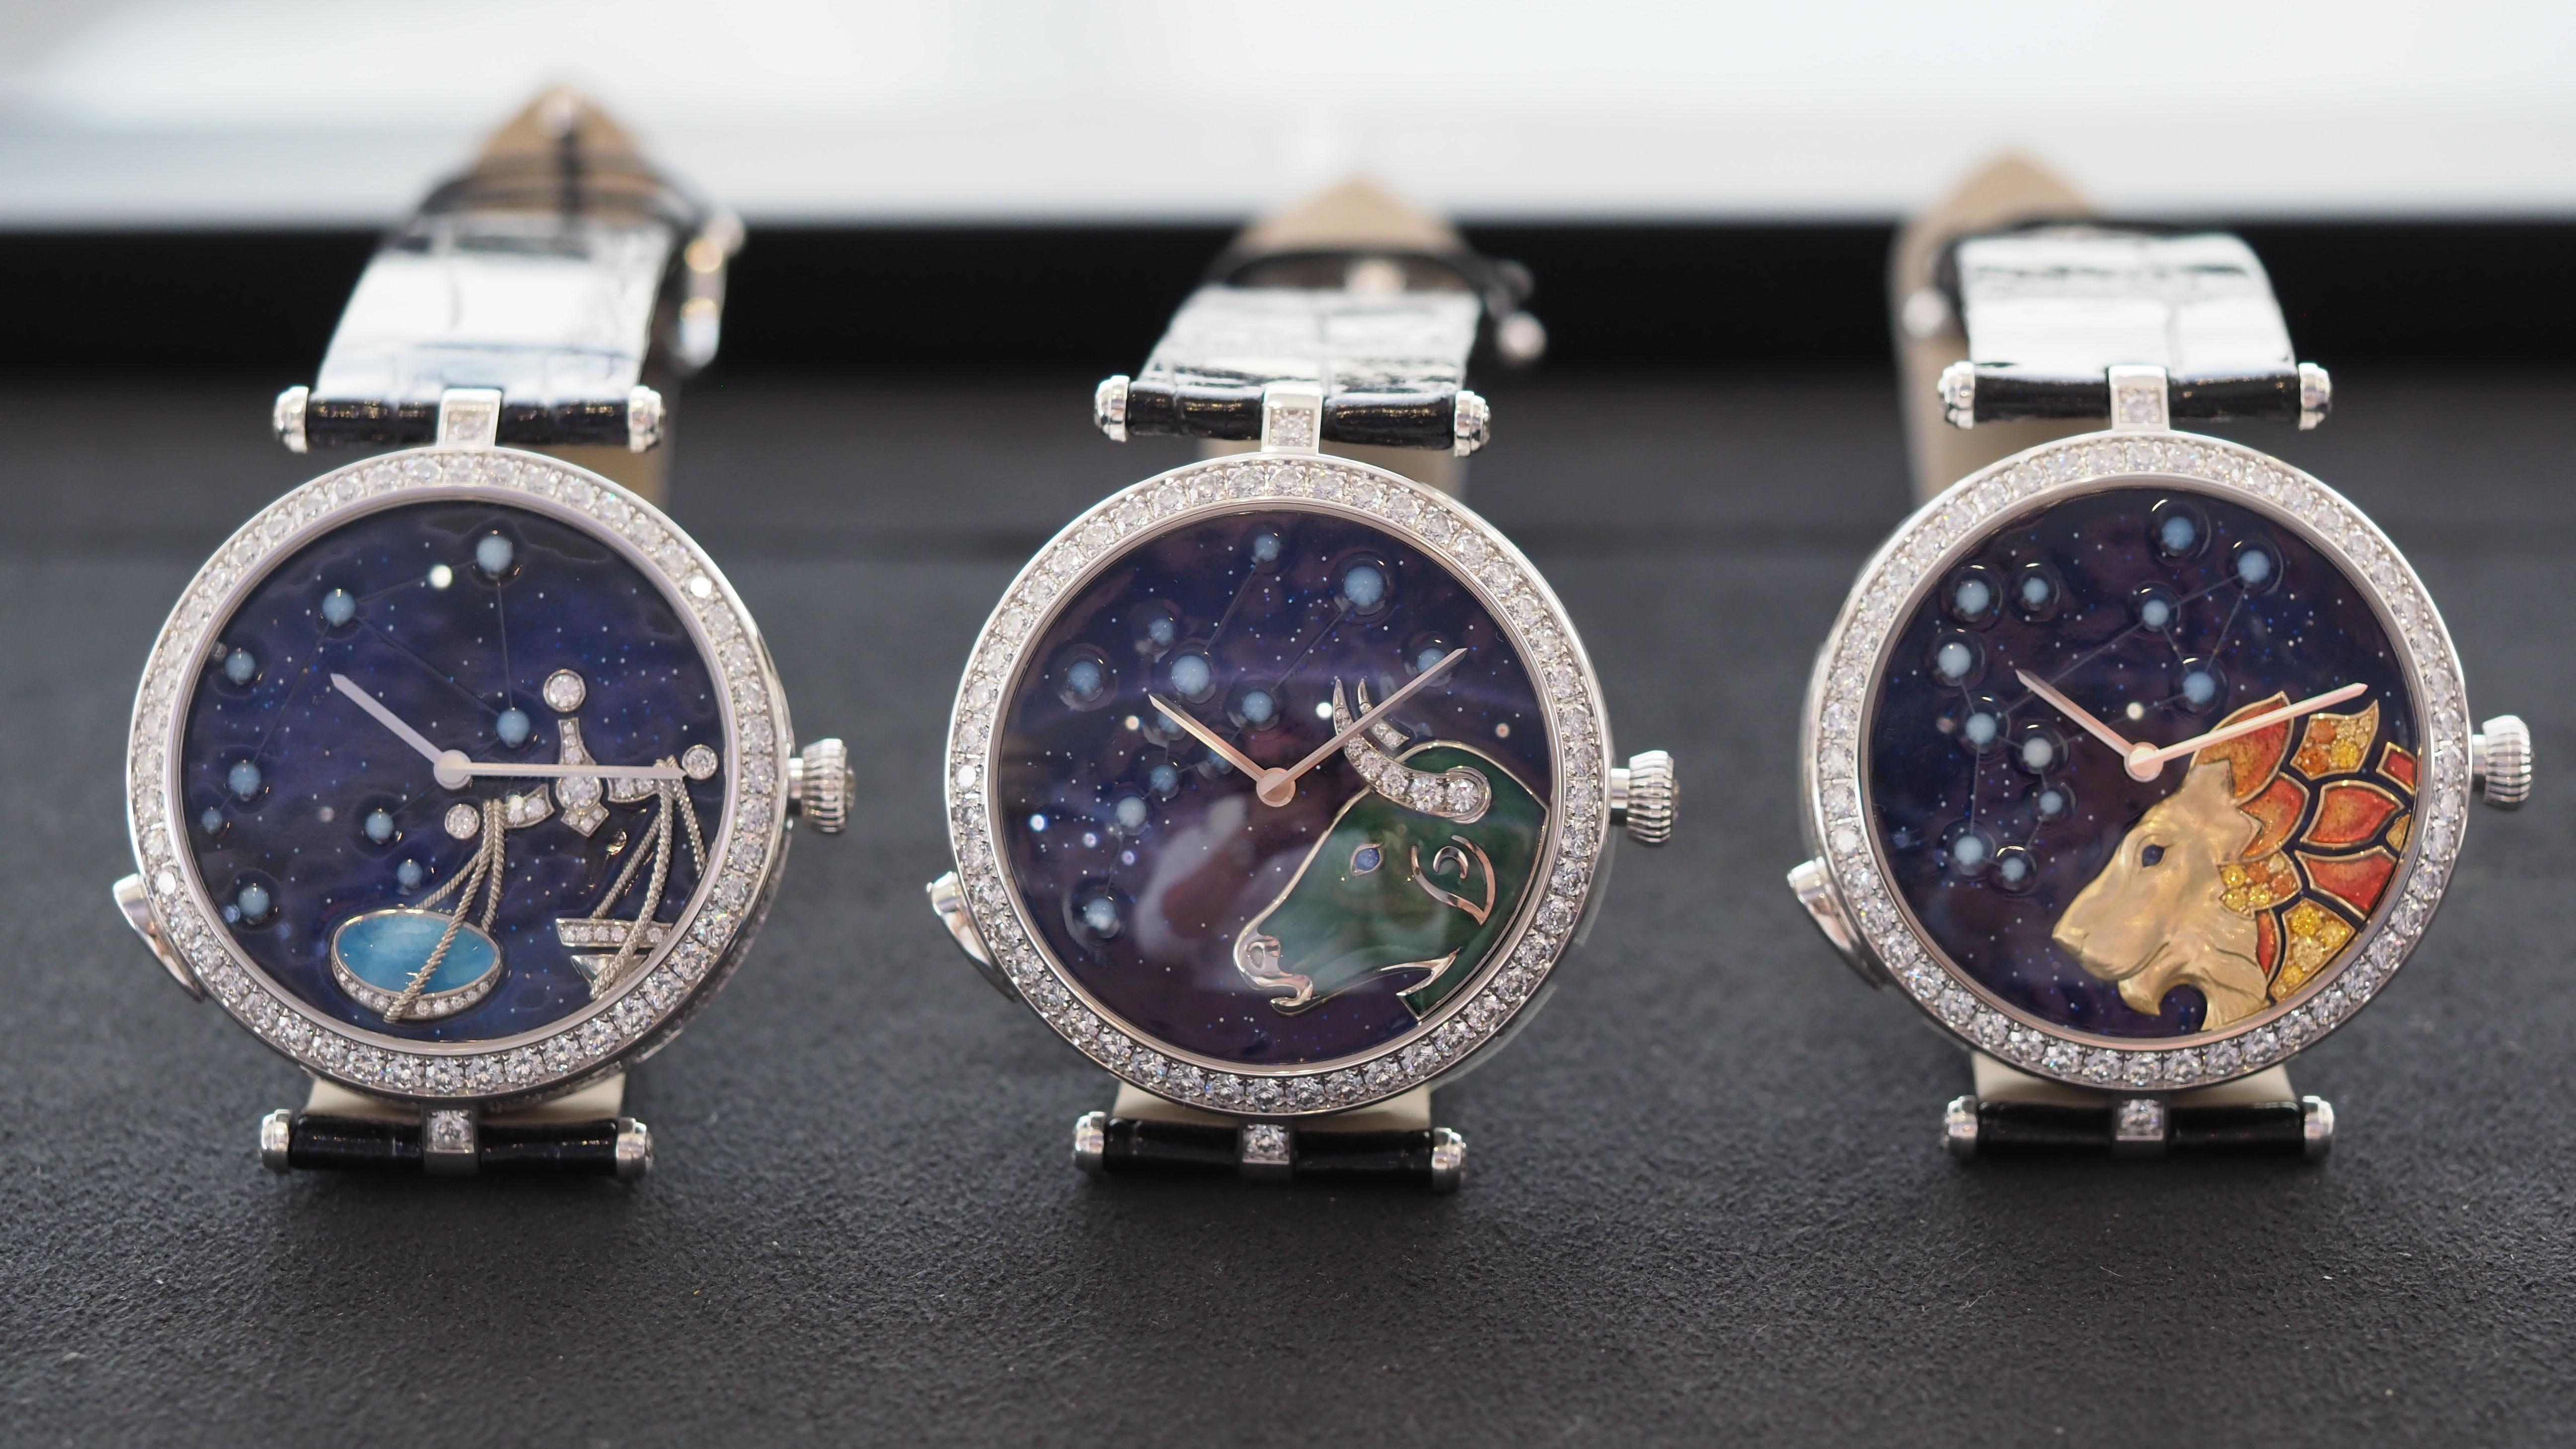 Η Van Cleef   Arpels είναι μία εταιρεία άξια θαυμασμού αν δει κανείς τον  τρόπο με τον οποίο καταφέρνει να προβάλει το αφήγημα ενός ρολογιού για να  πουλήσει ... 2634824f946